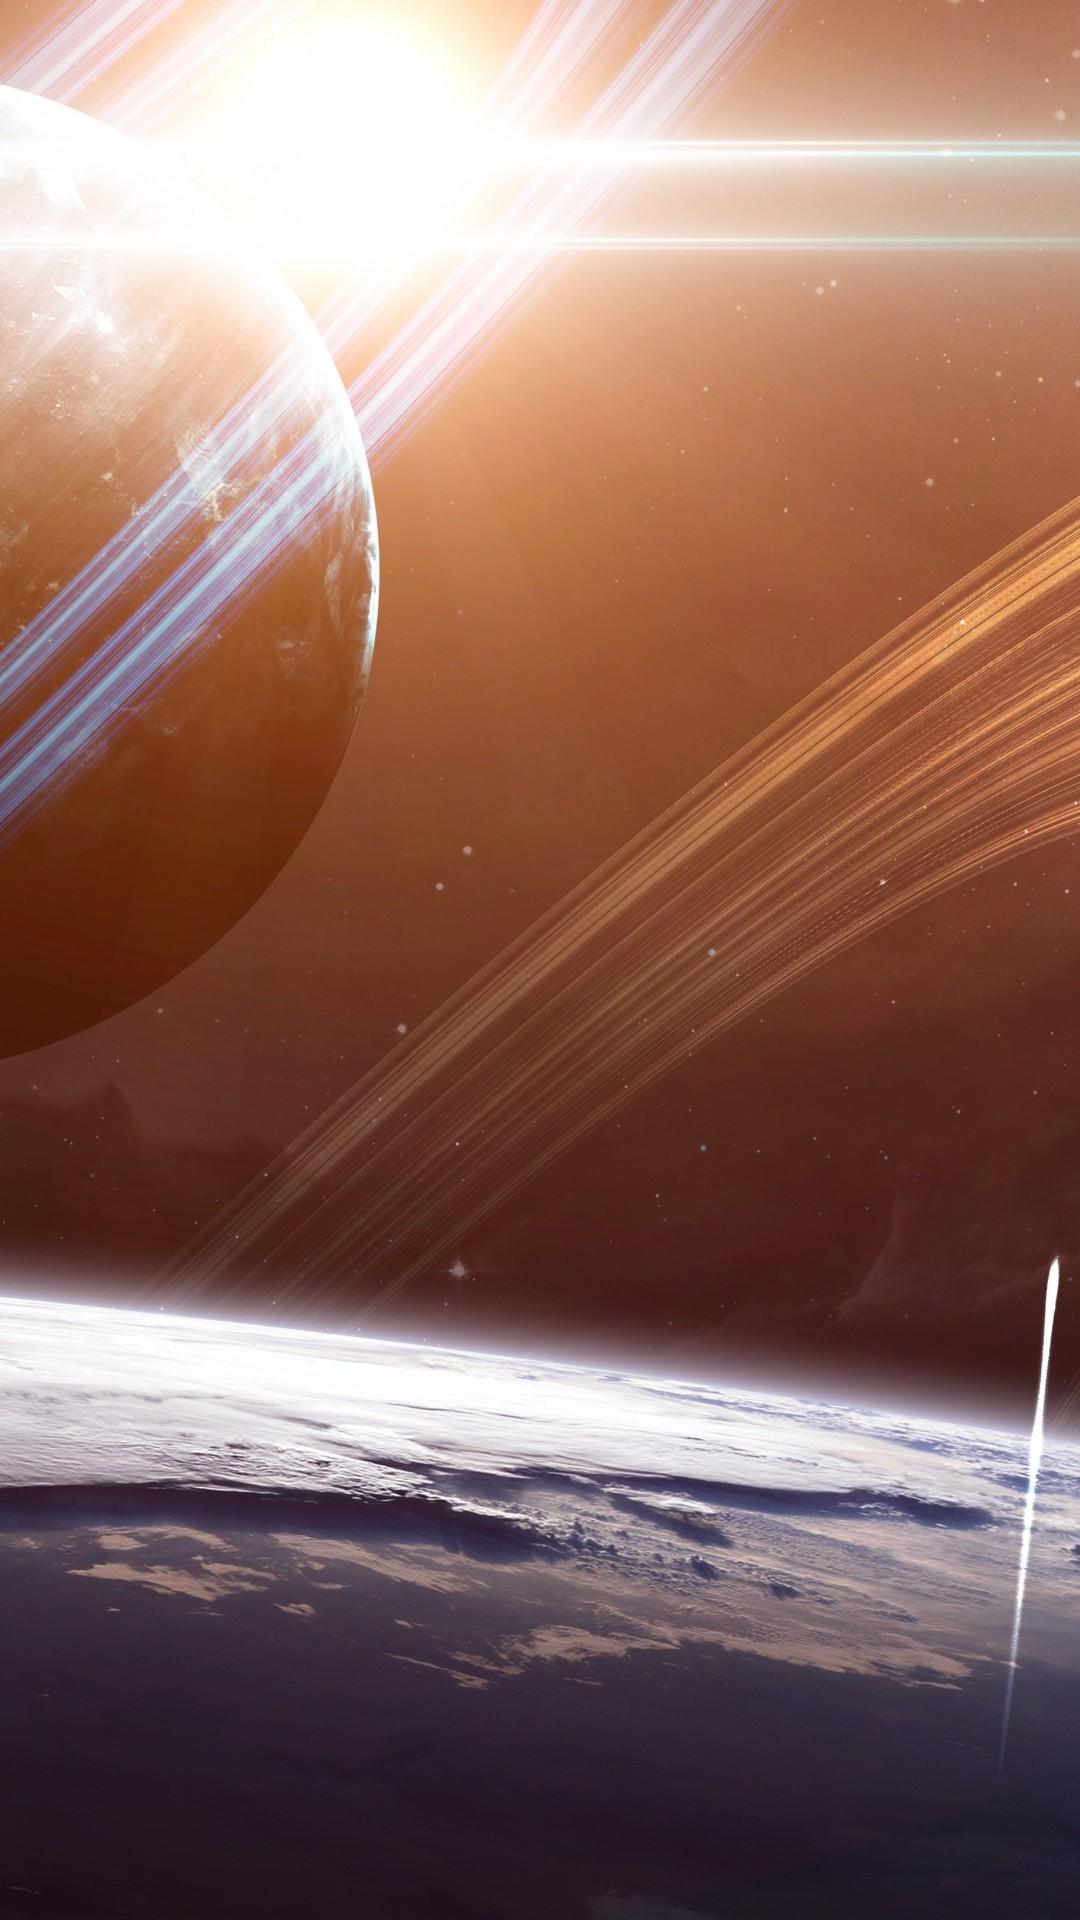 Saturn screensaver wallpaper